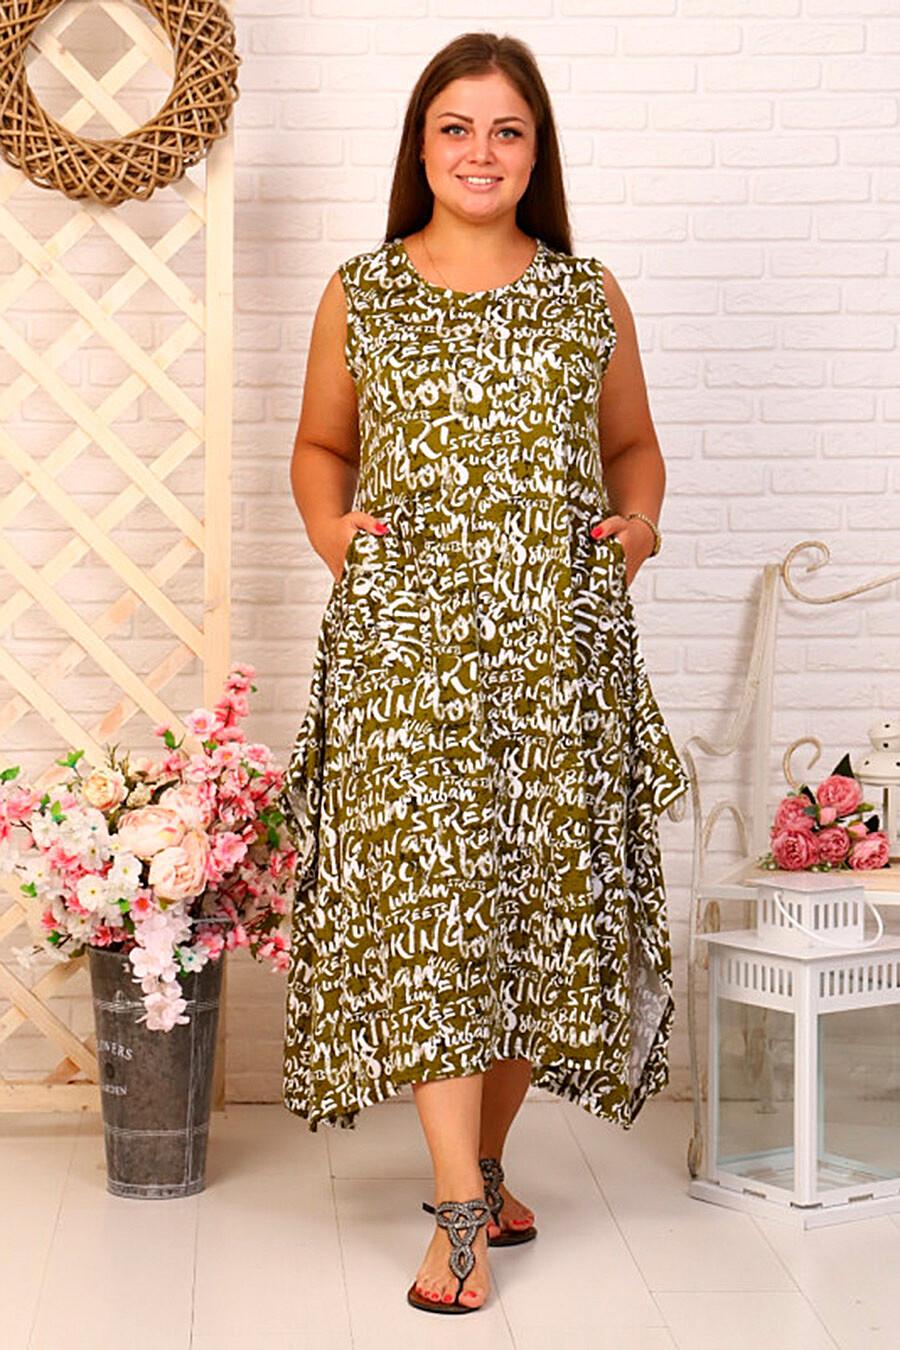 Сарафан для женщин SOFIYA37 682274 купить оптом от производителя. Совместная покупка женской одежды в OptMoyo